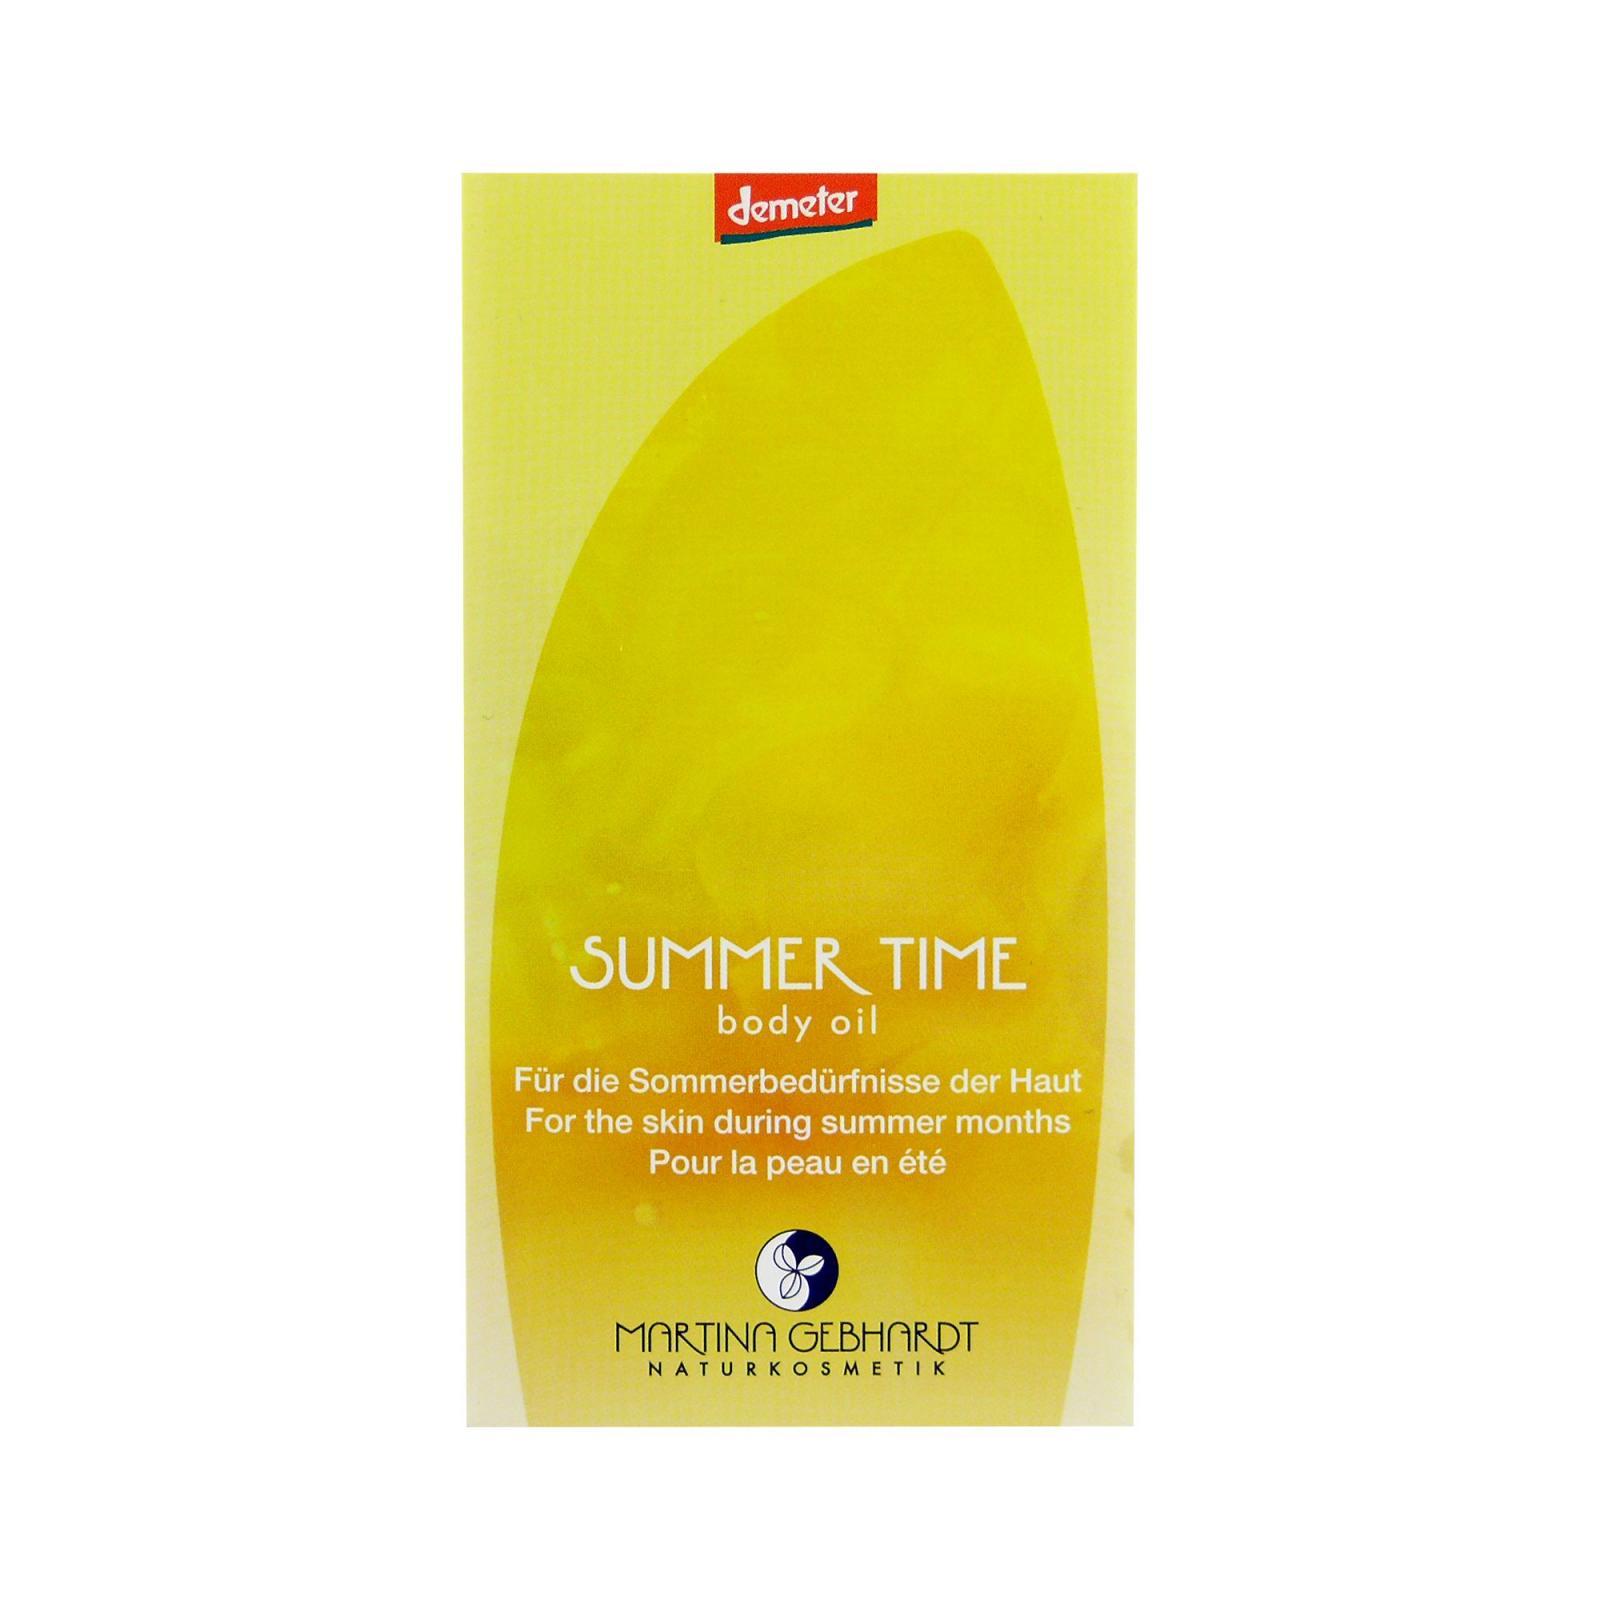 Martina Gebhardt Zklidňující regenerační tělový olej, Summer Time 5 ml